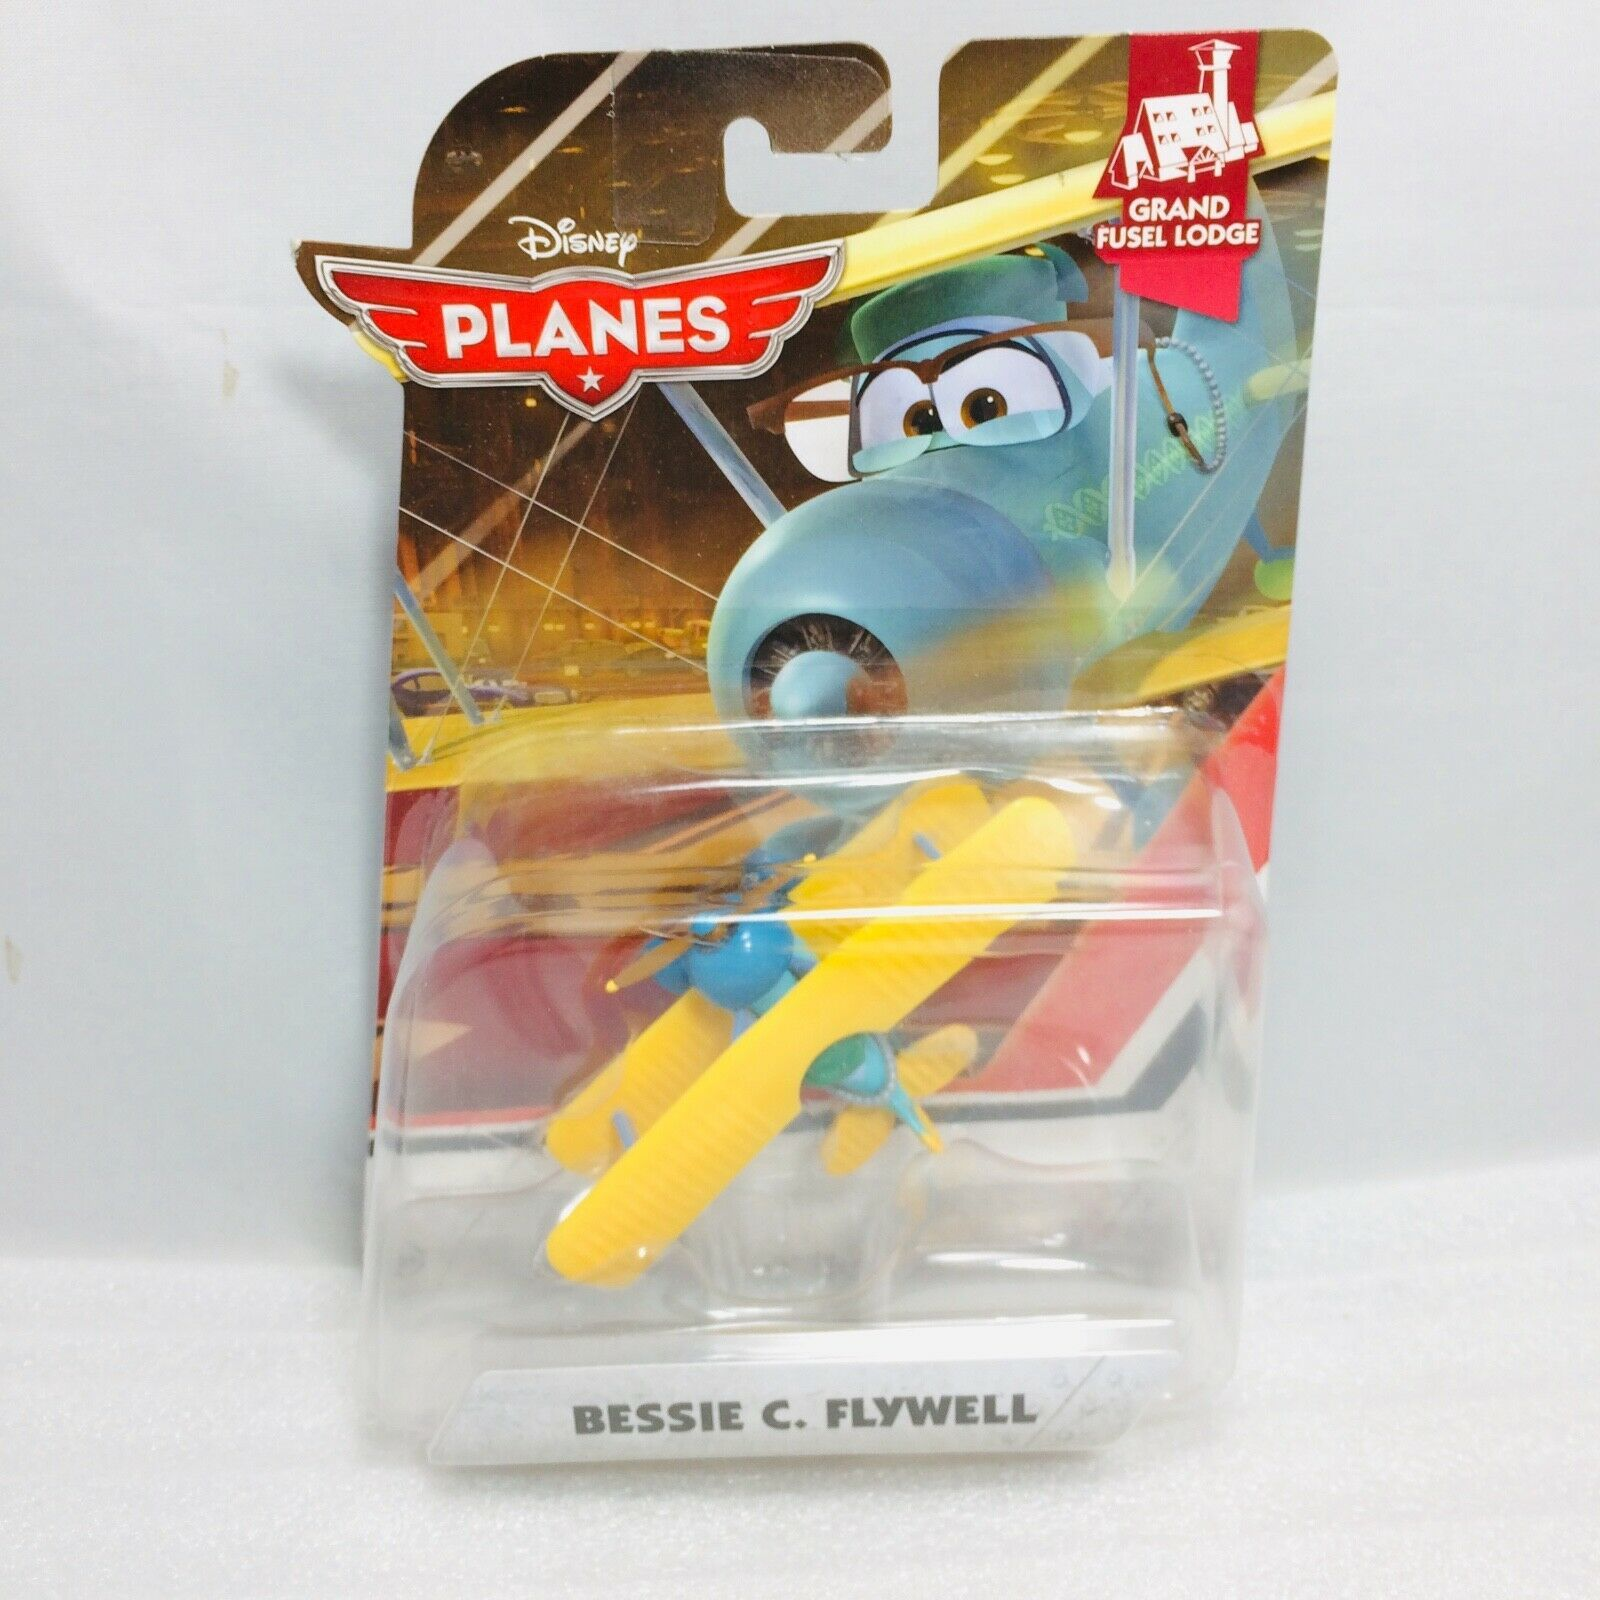 Disney Pixar Planes Bessie C Flywell New in Package - 2014 - Rare